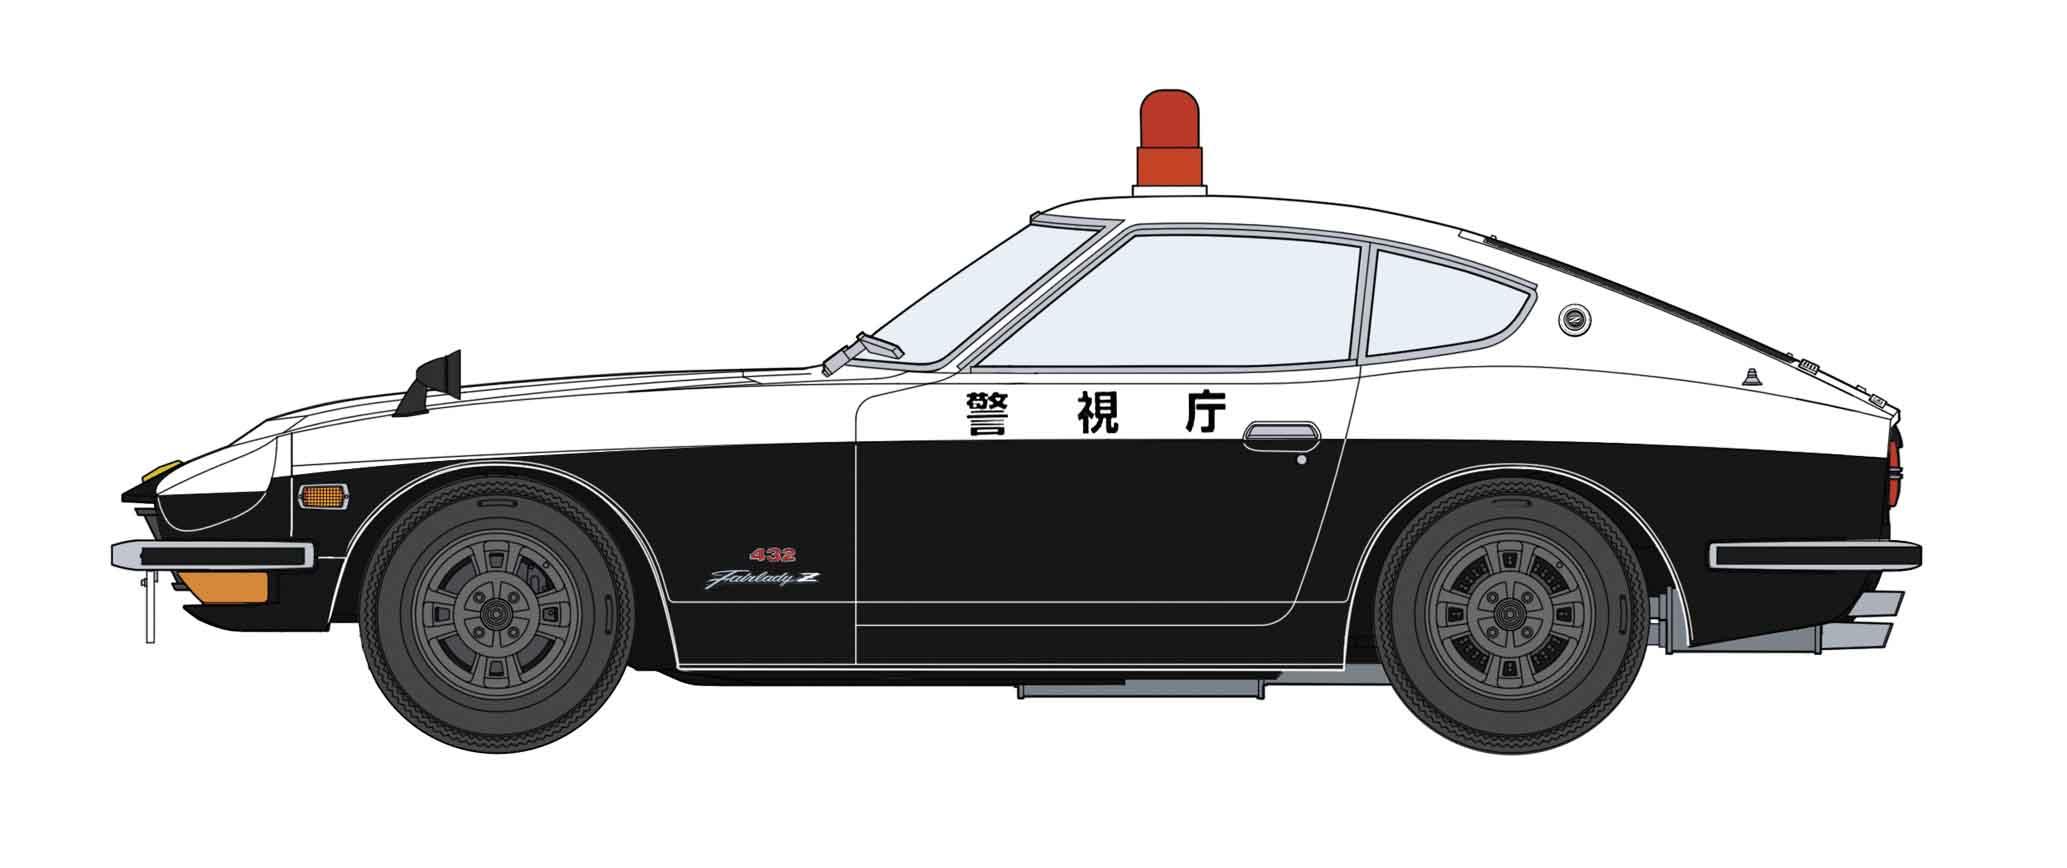 Hasegawa 1/24 Nissan Fairlady Z432 Police Car